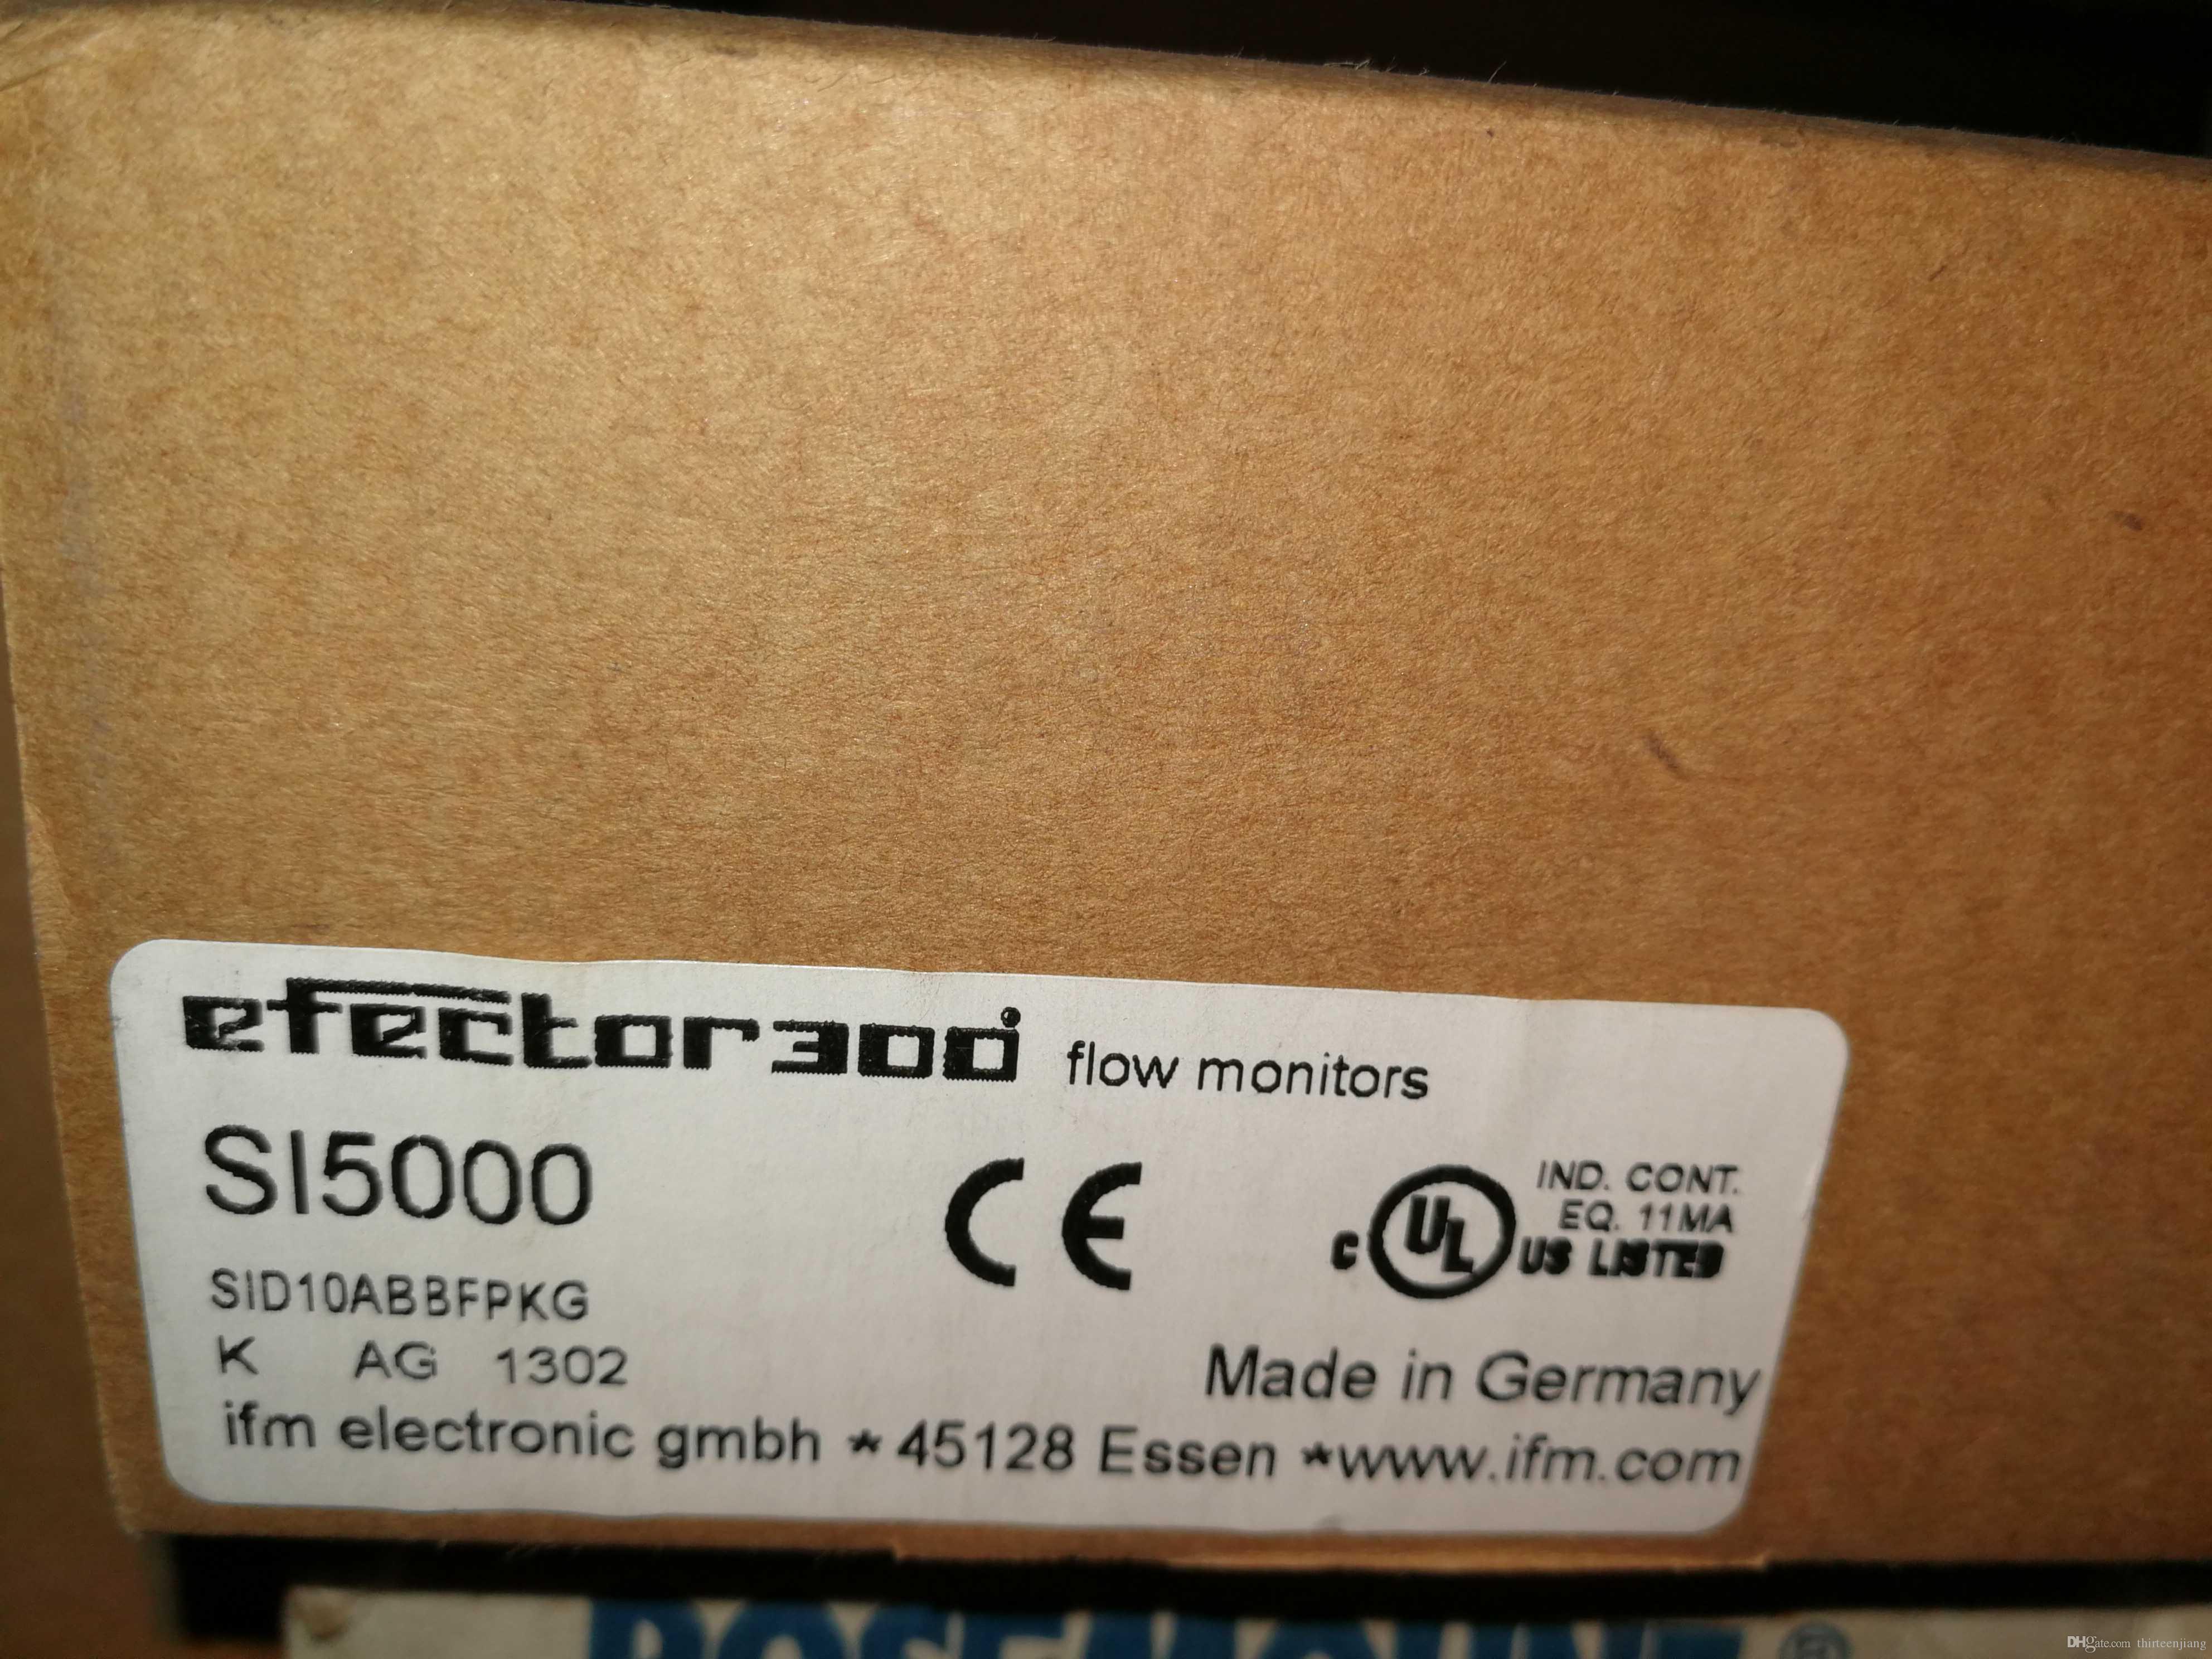 Un Nuovo originale IFM punto interruttore di flusso SI5000 in scatola libera di spedizione disponibile